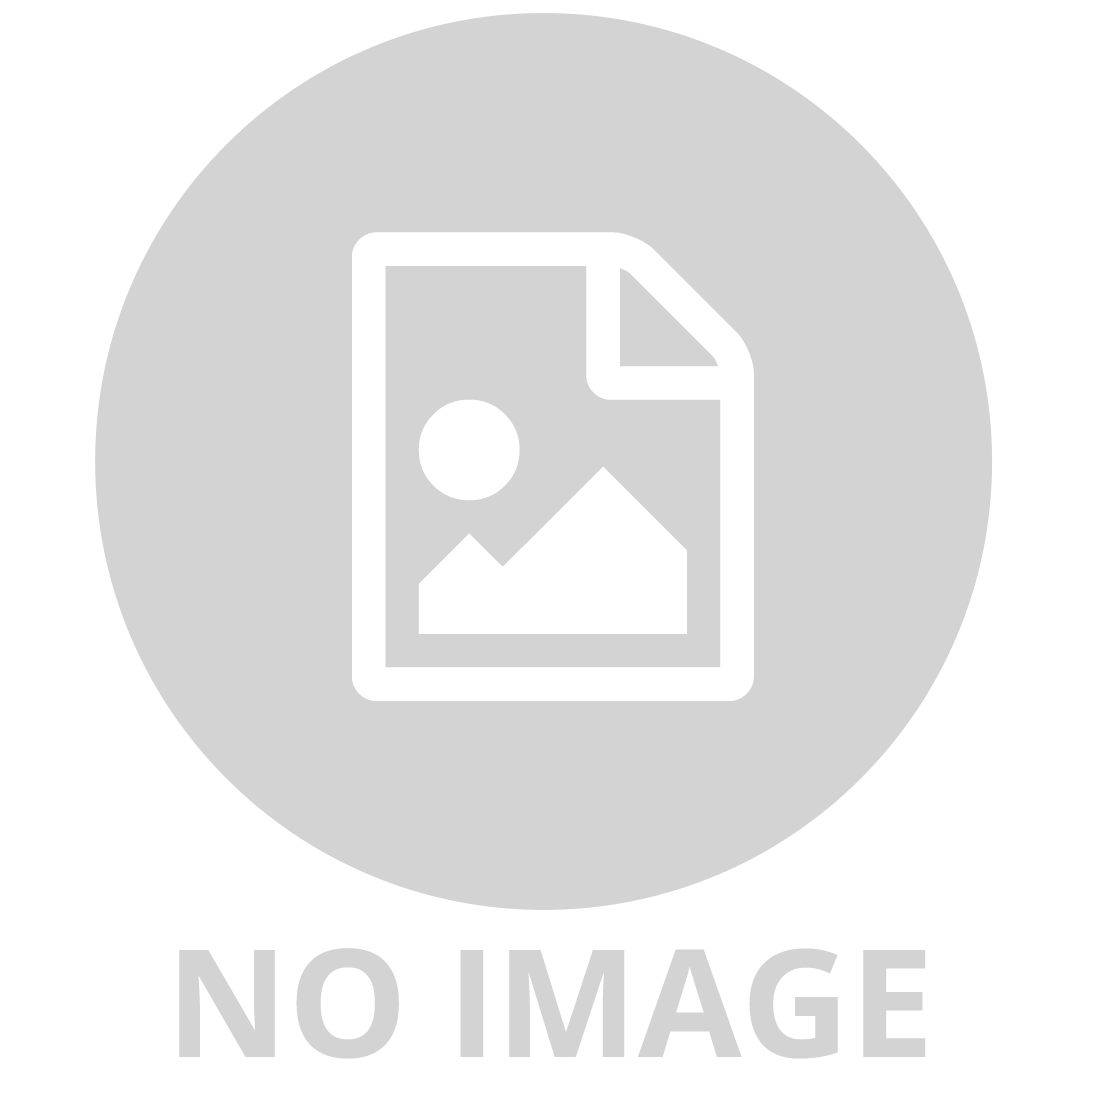 INTEX JOY RIDER SURF MAT